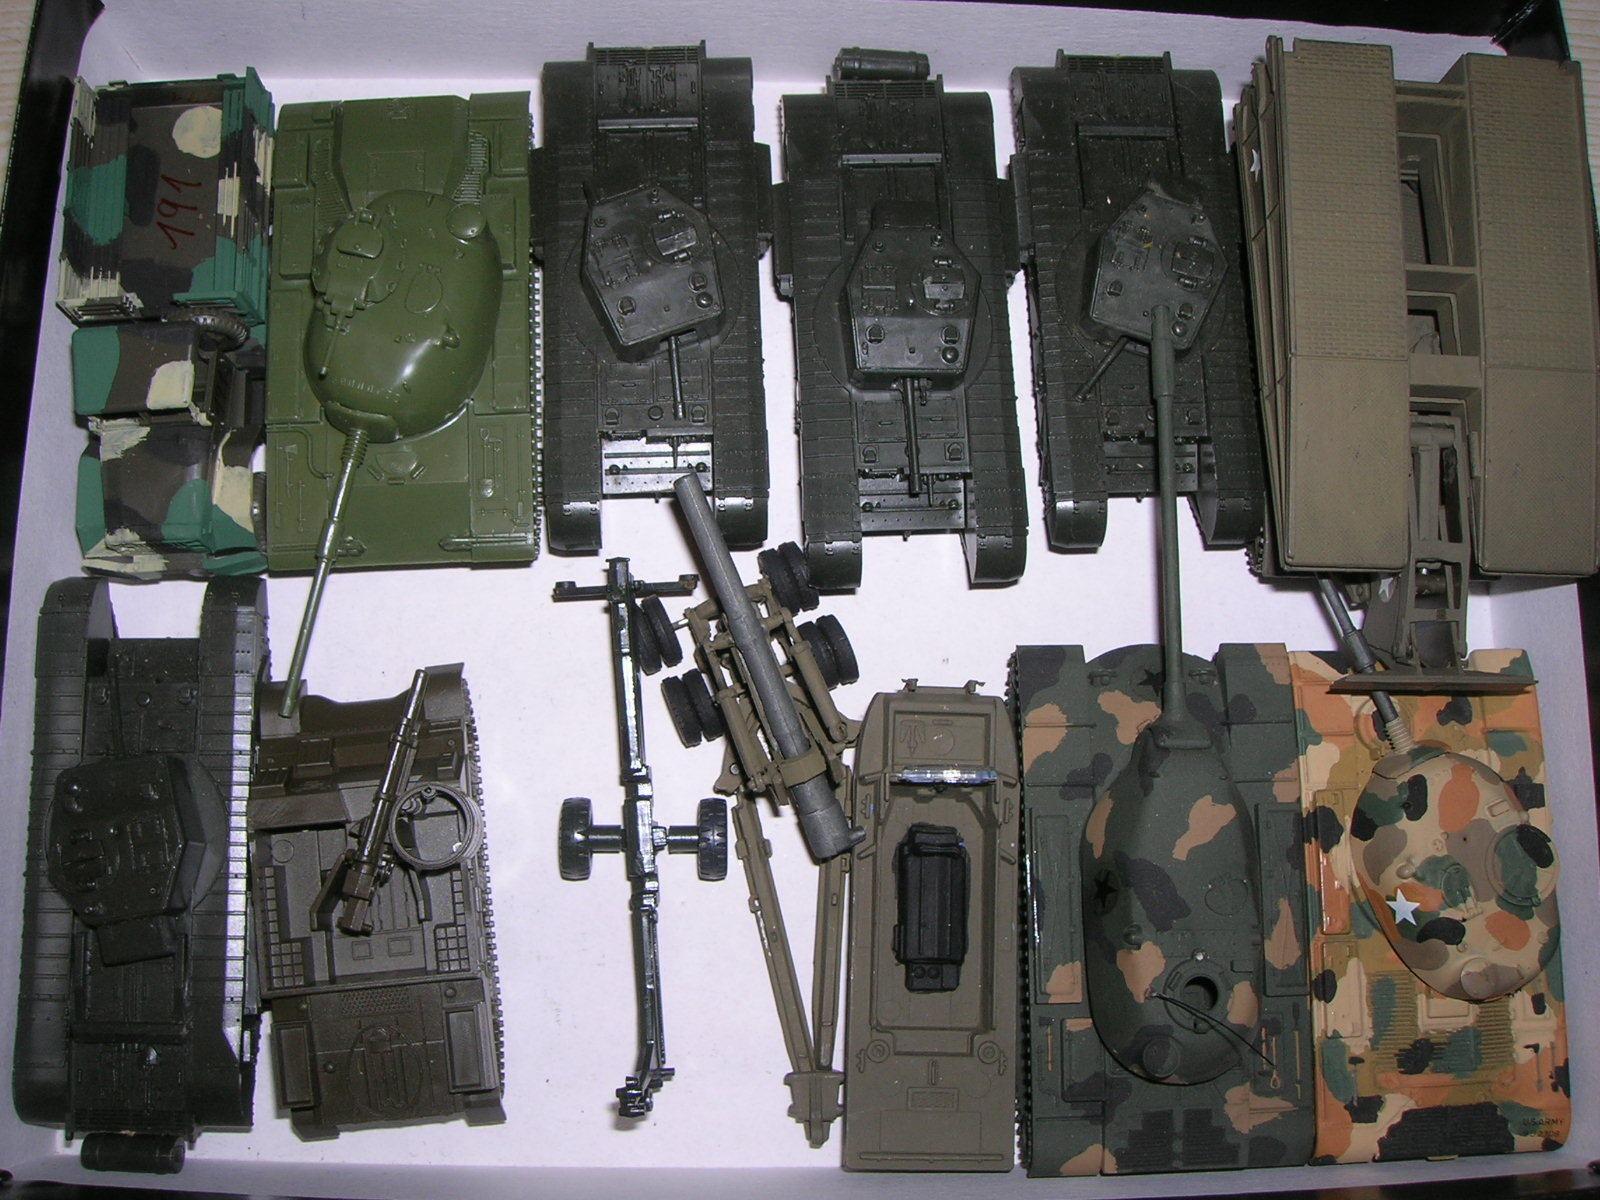 grande sconto 12 diversi modellololi modellololi modellololi ROCO-veicoli militari  parte dipinte  h0 1 87 voce 15  promozioni di squadra